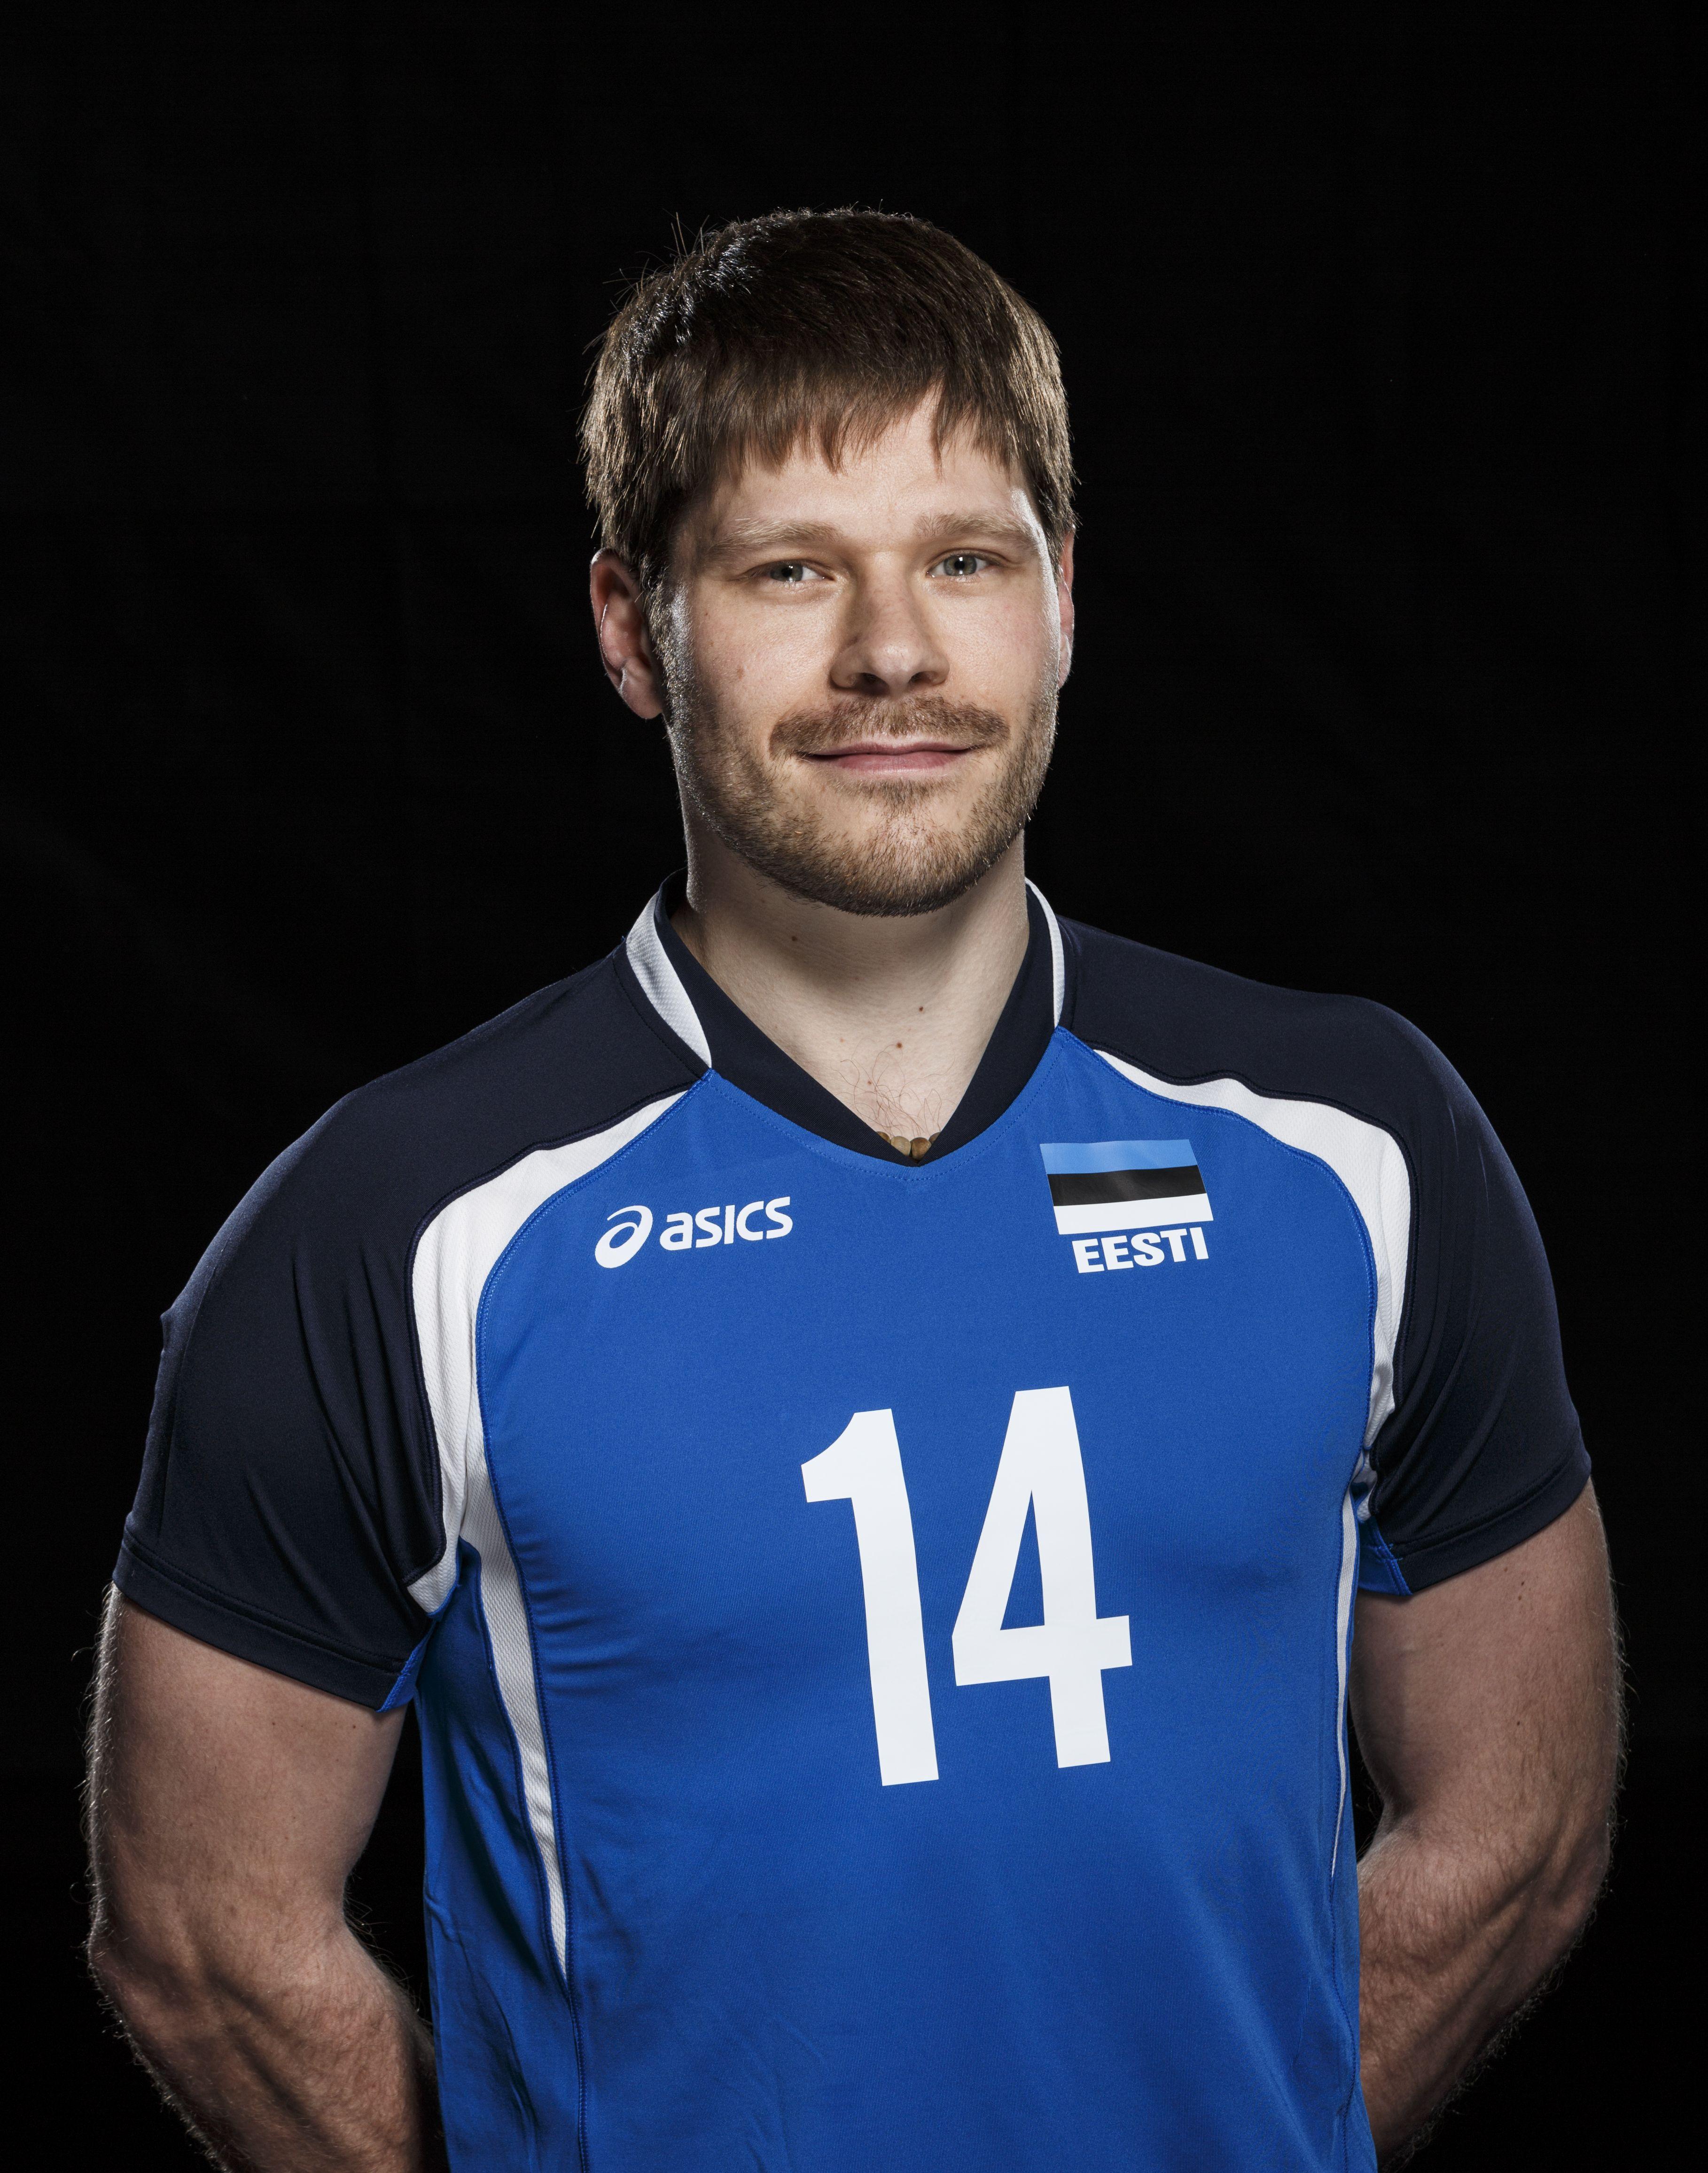 Rait Rikberg